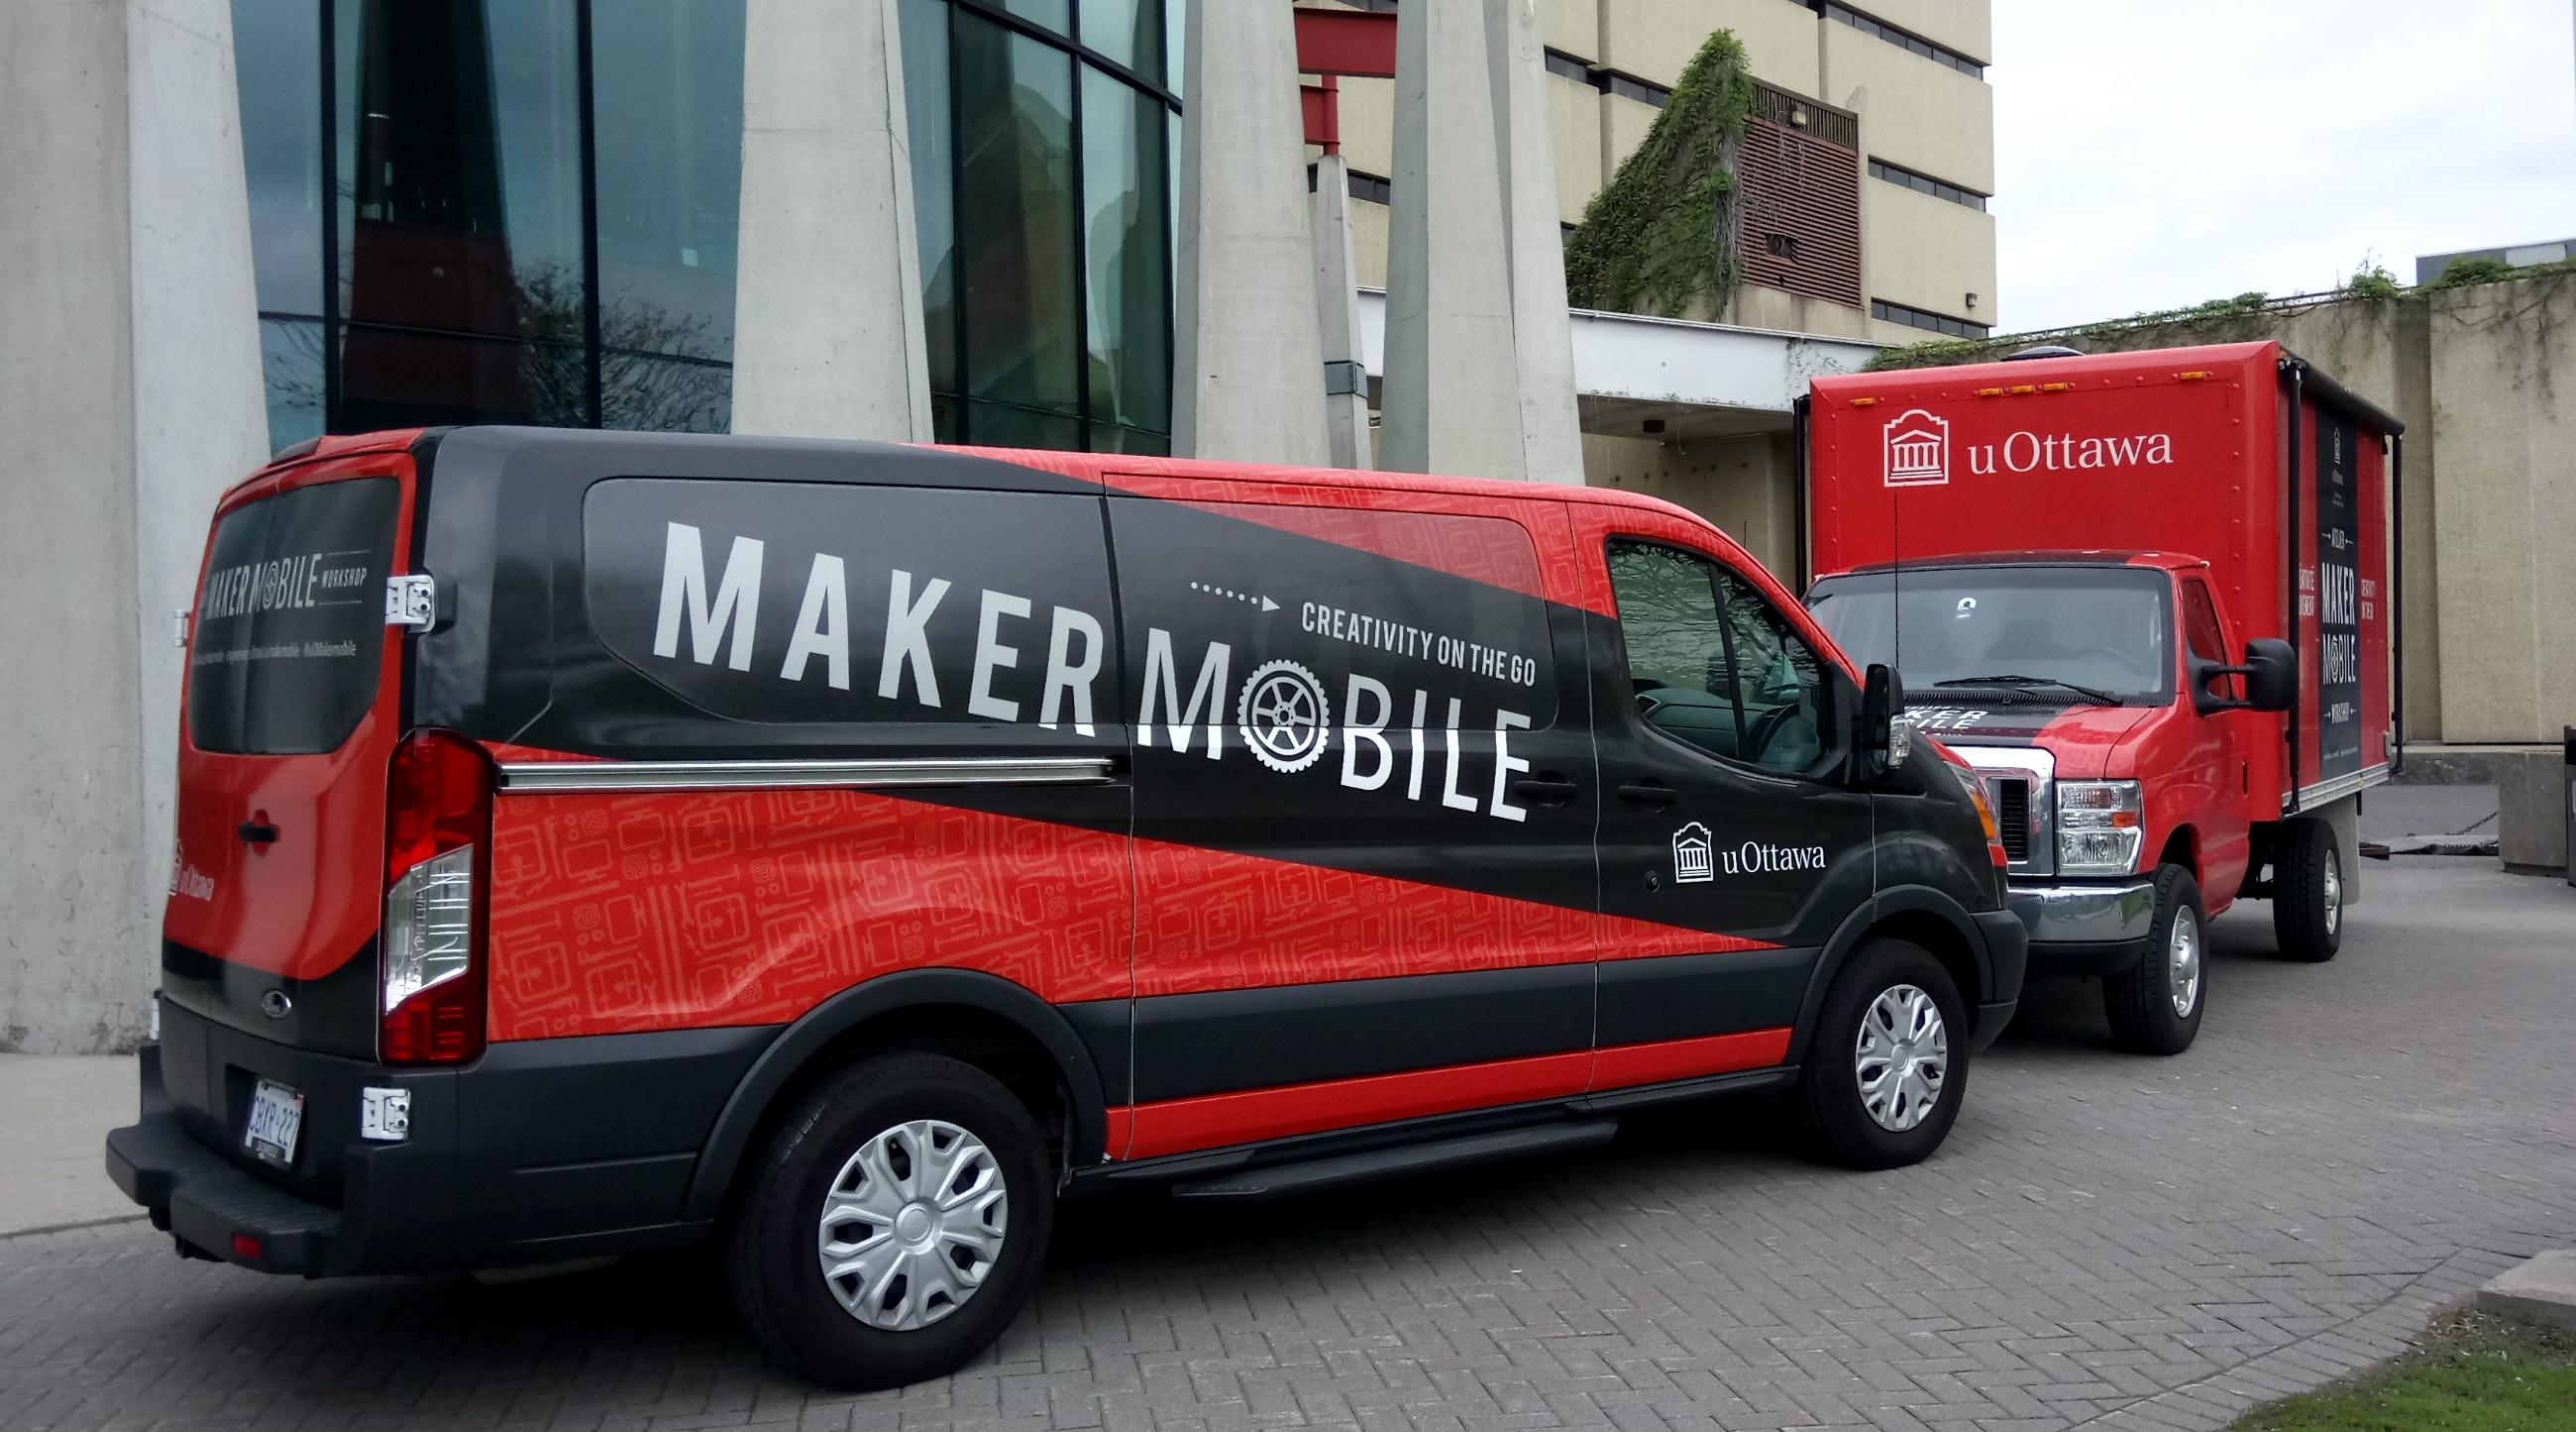 maker mobile